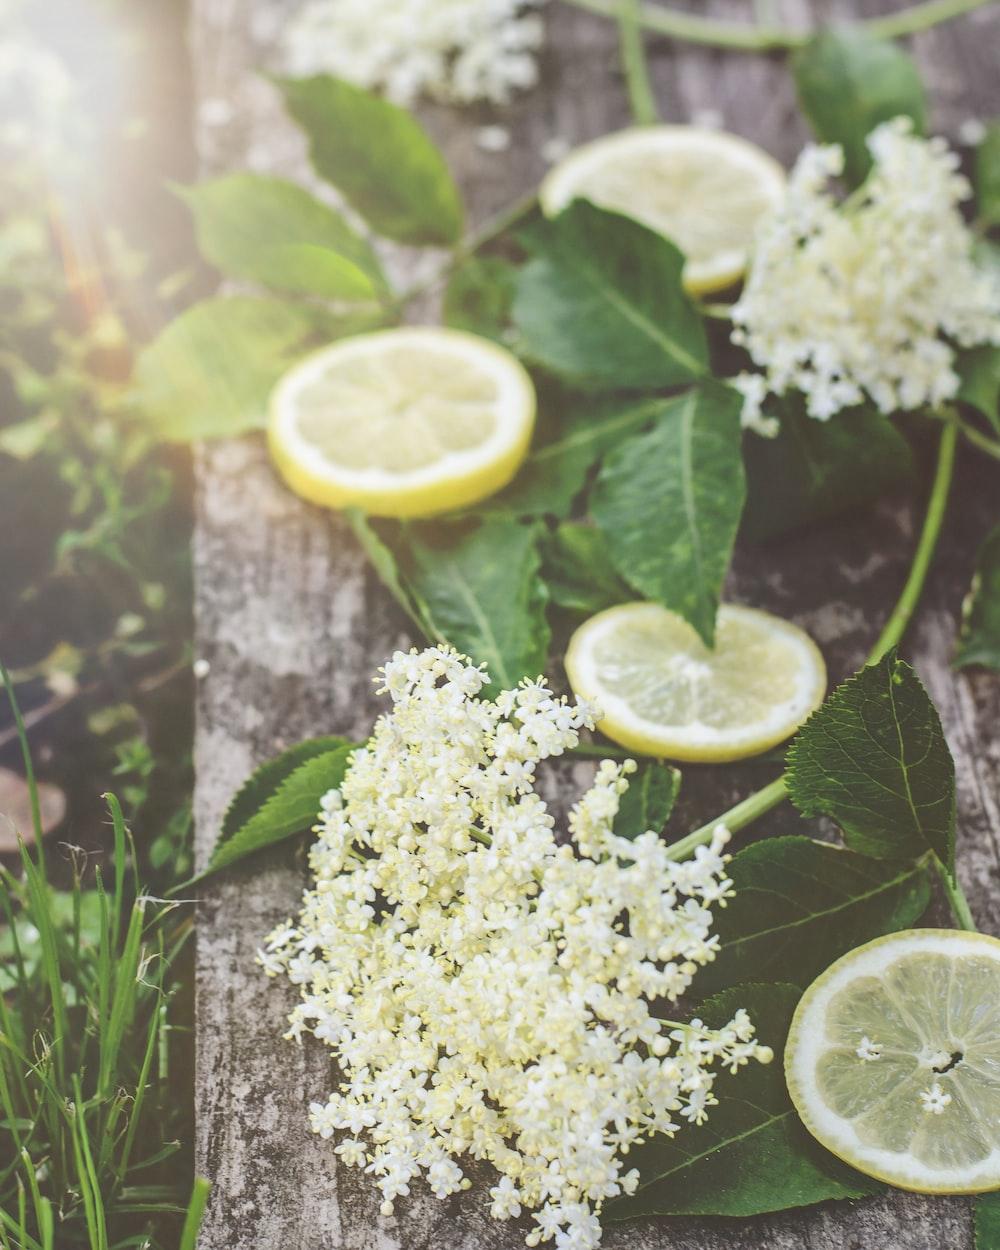 white flowers and sliced of lemon